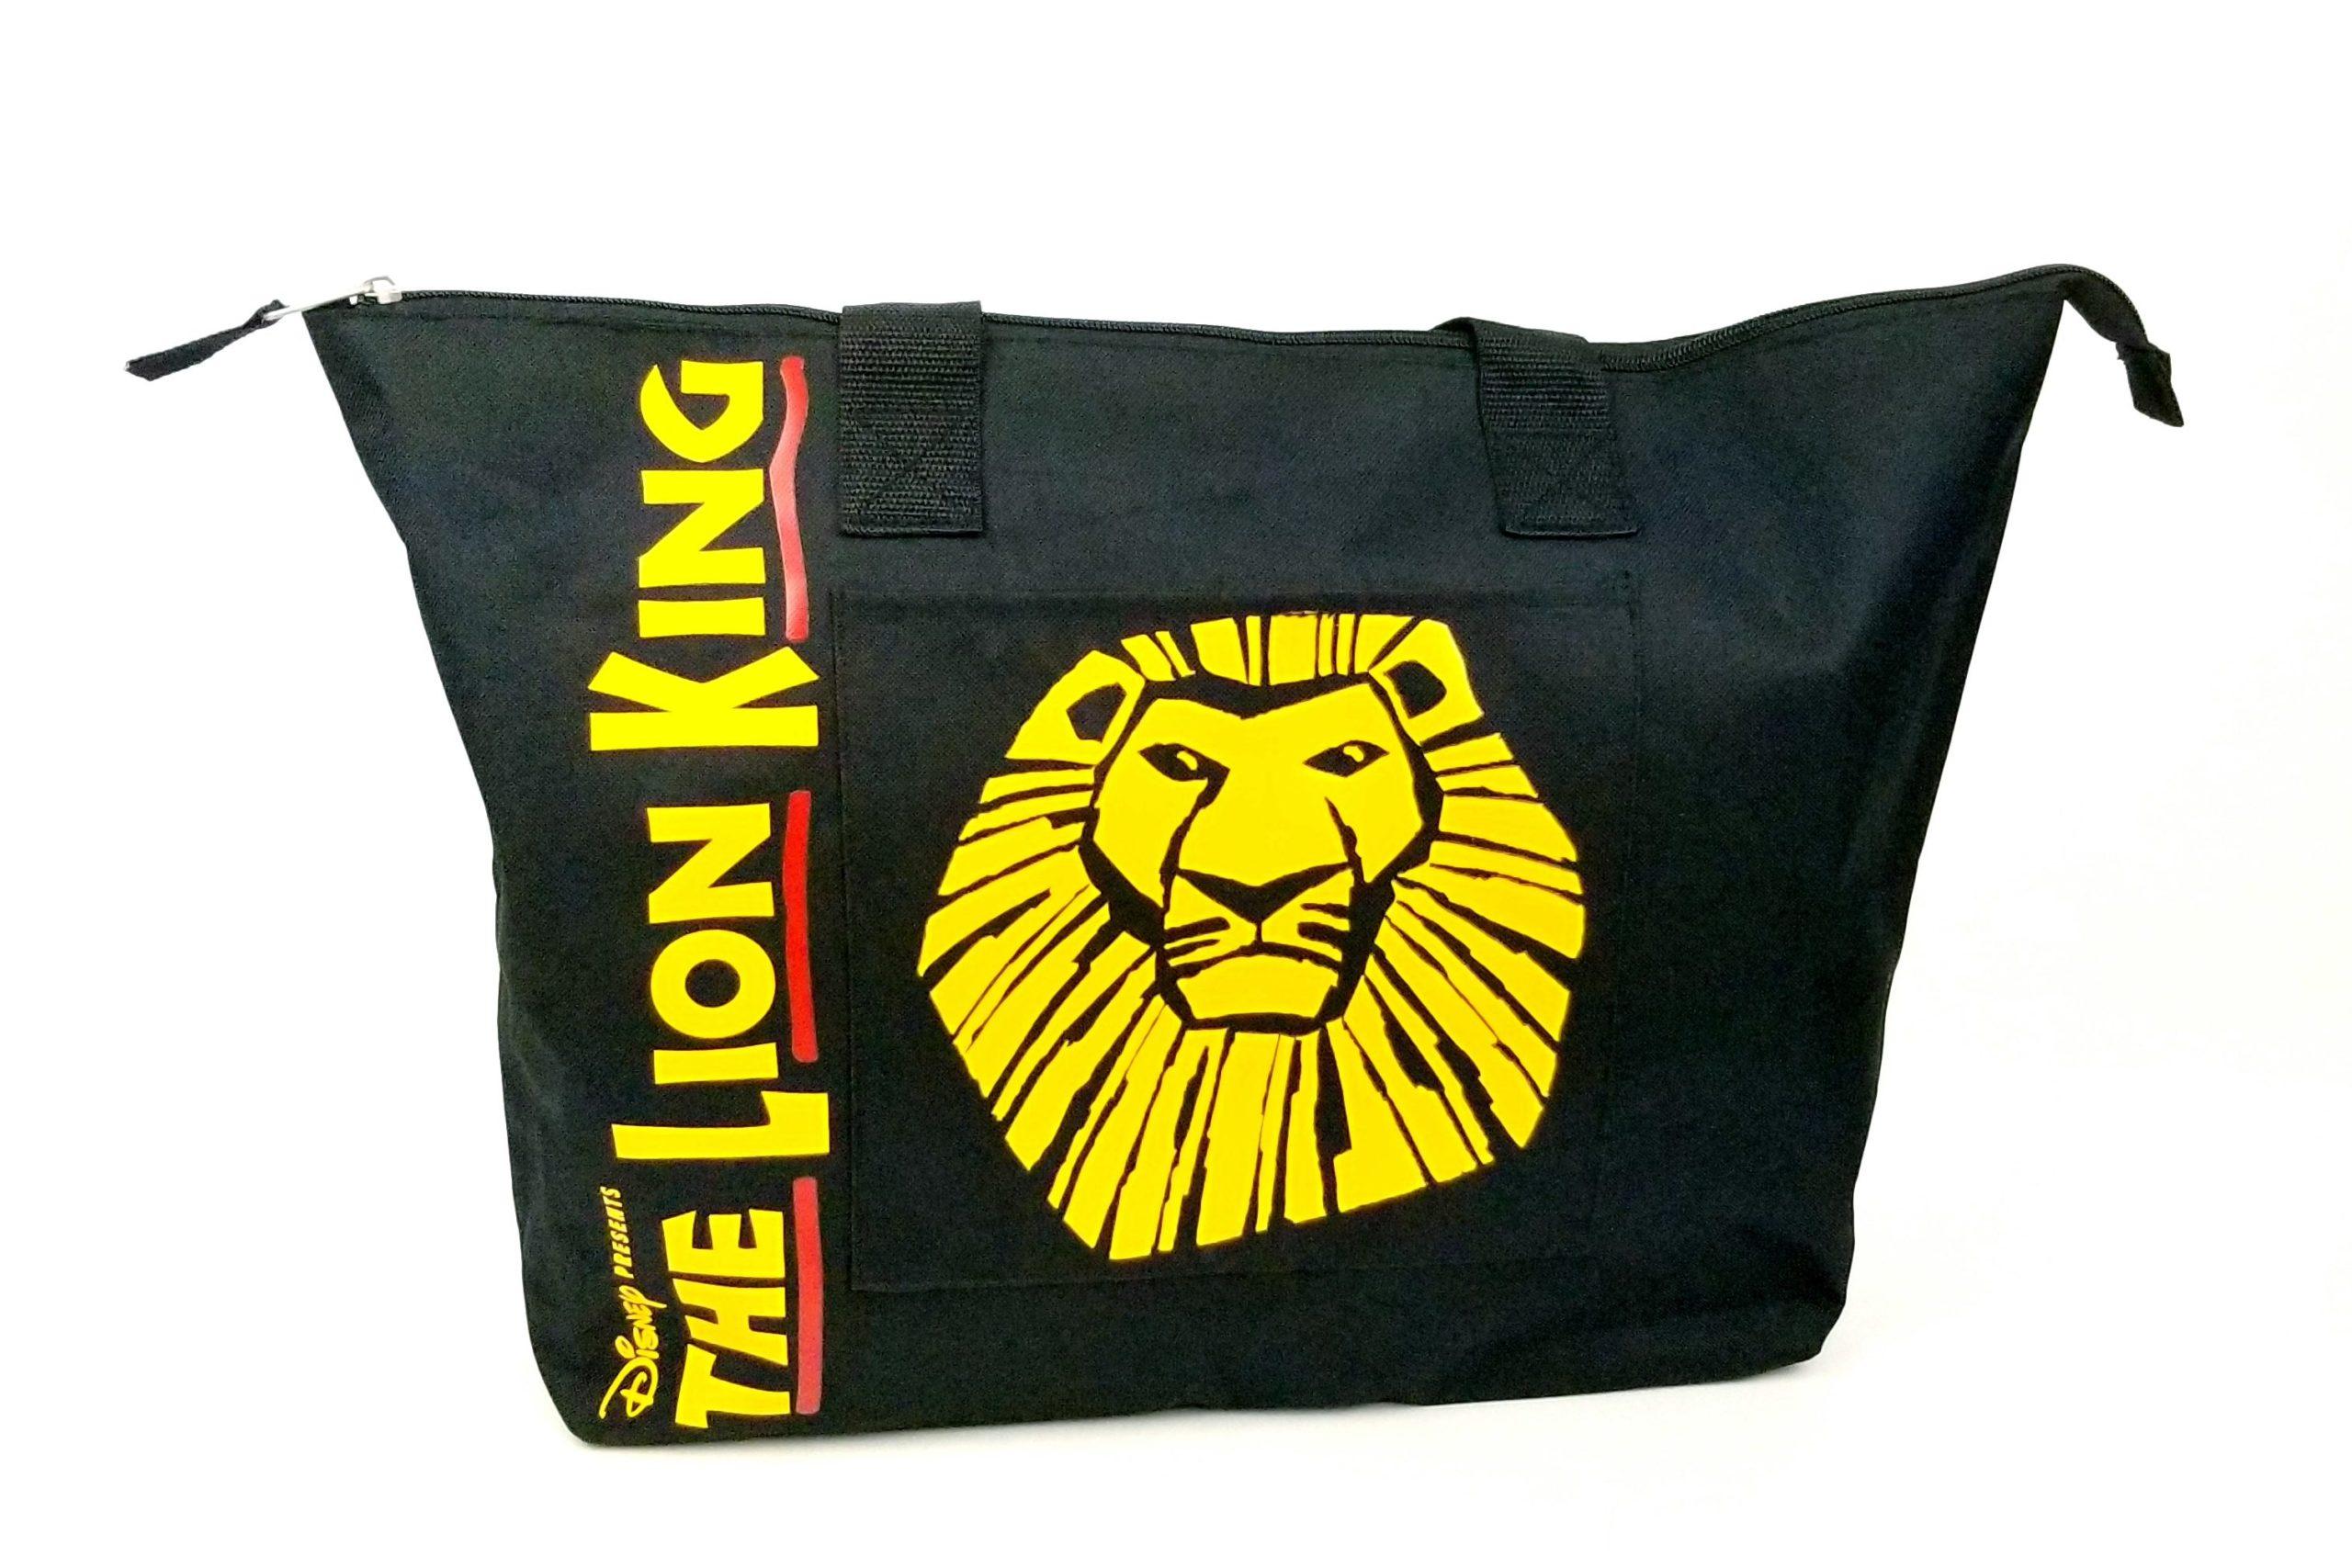 Disney's The Lion King Zippered Tote Bag - Retell Seller